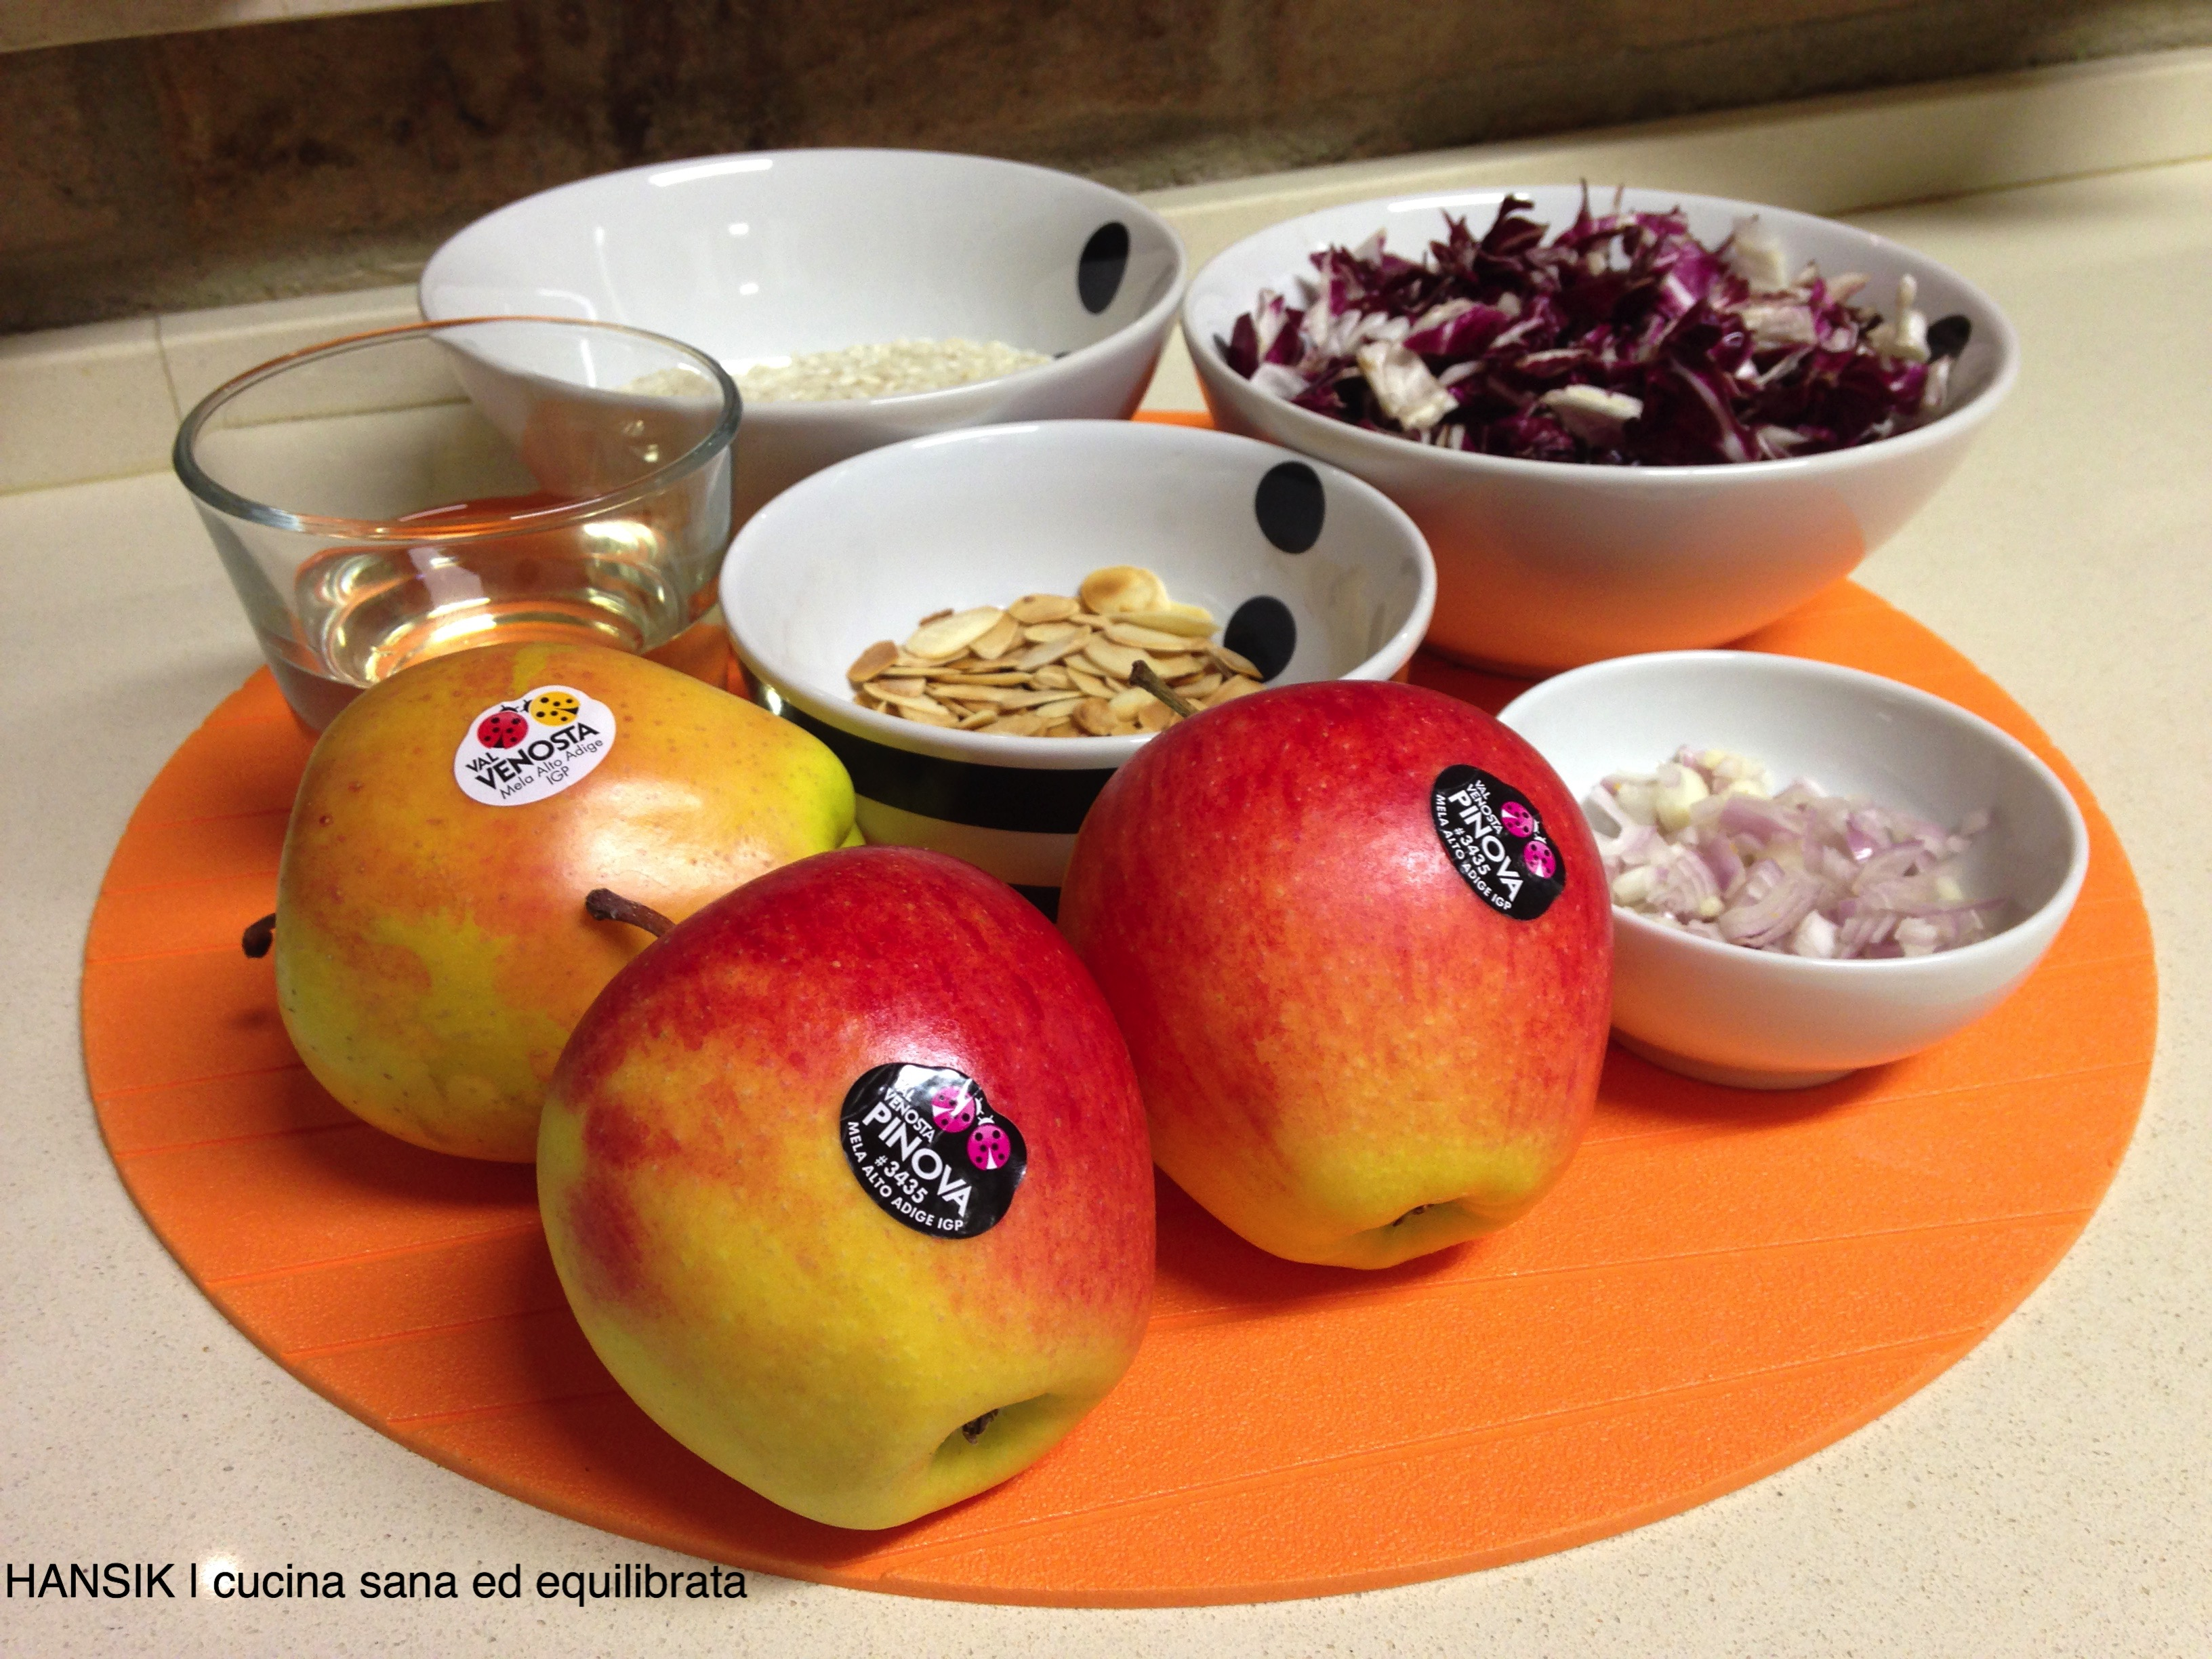 Risotto al radicchio rosso e mele con mandorle tostate